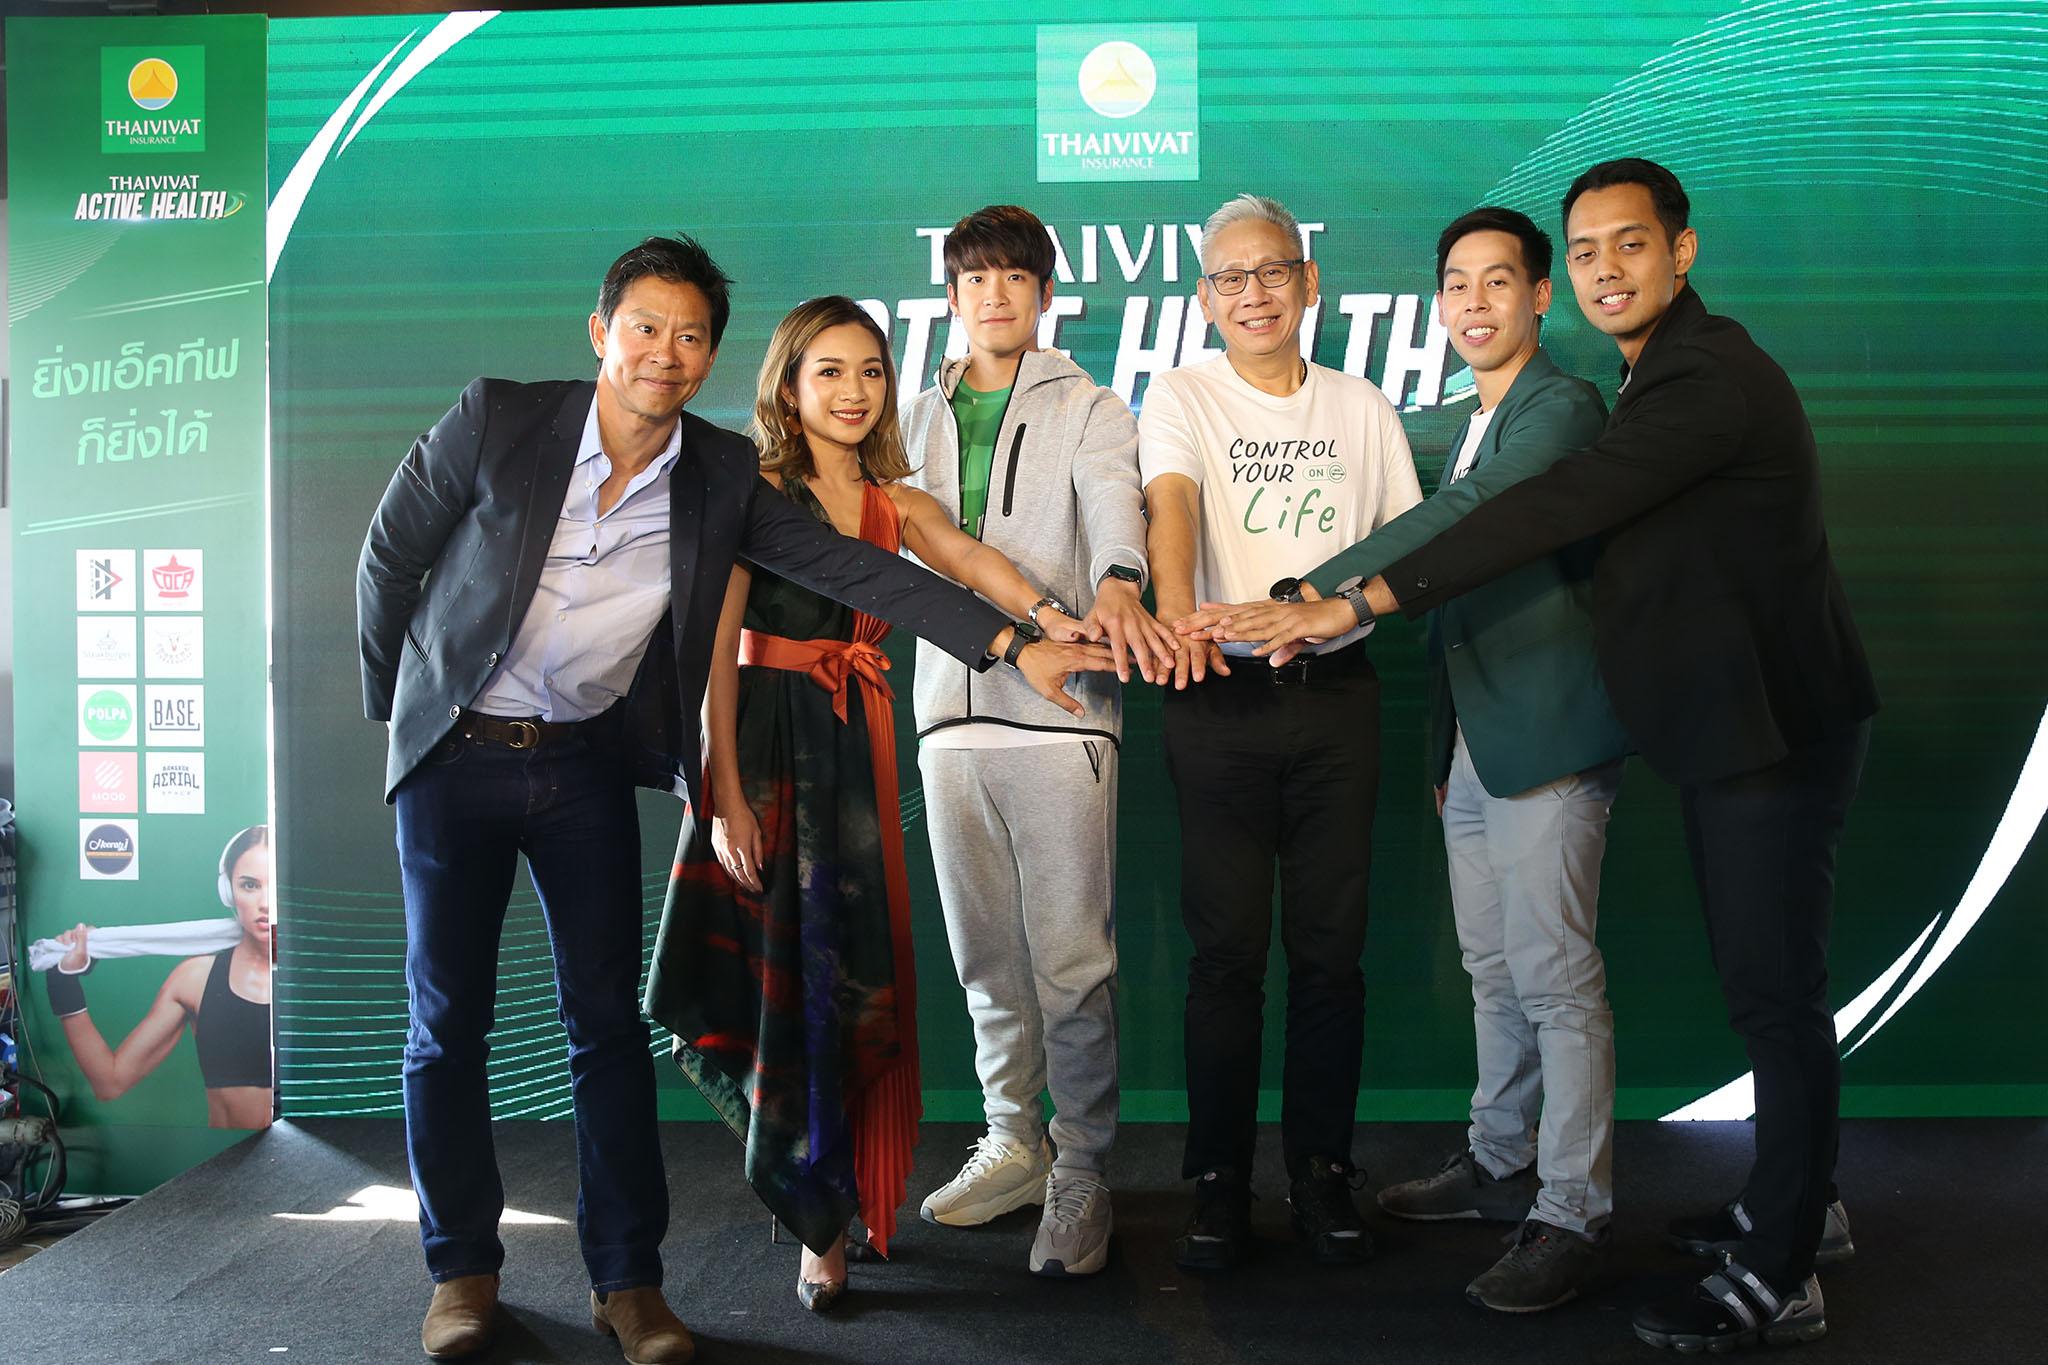 ประกันภัยไทยวิวัฒน์ สร้างปรากฏการณ์ใหม่ นวัตกรรมประกันสุขภาพ Thaivivat Active Health ด้วย Wearables เทคโนโลยี